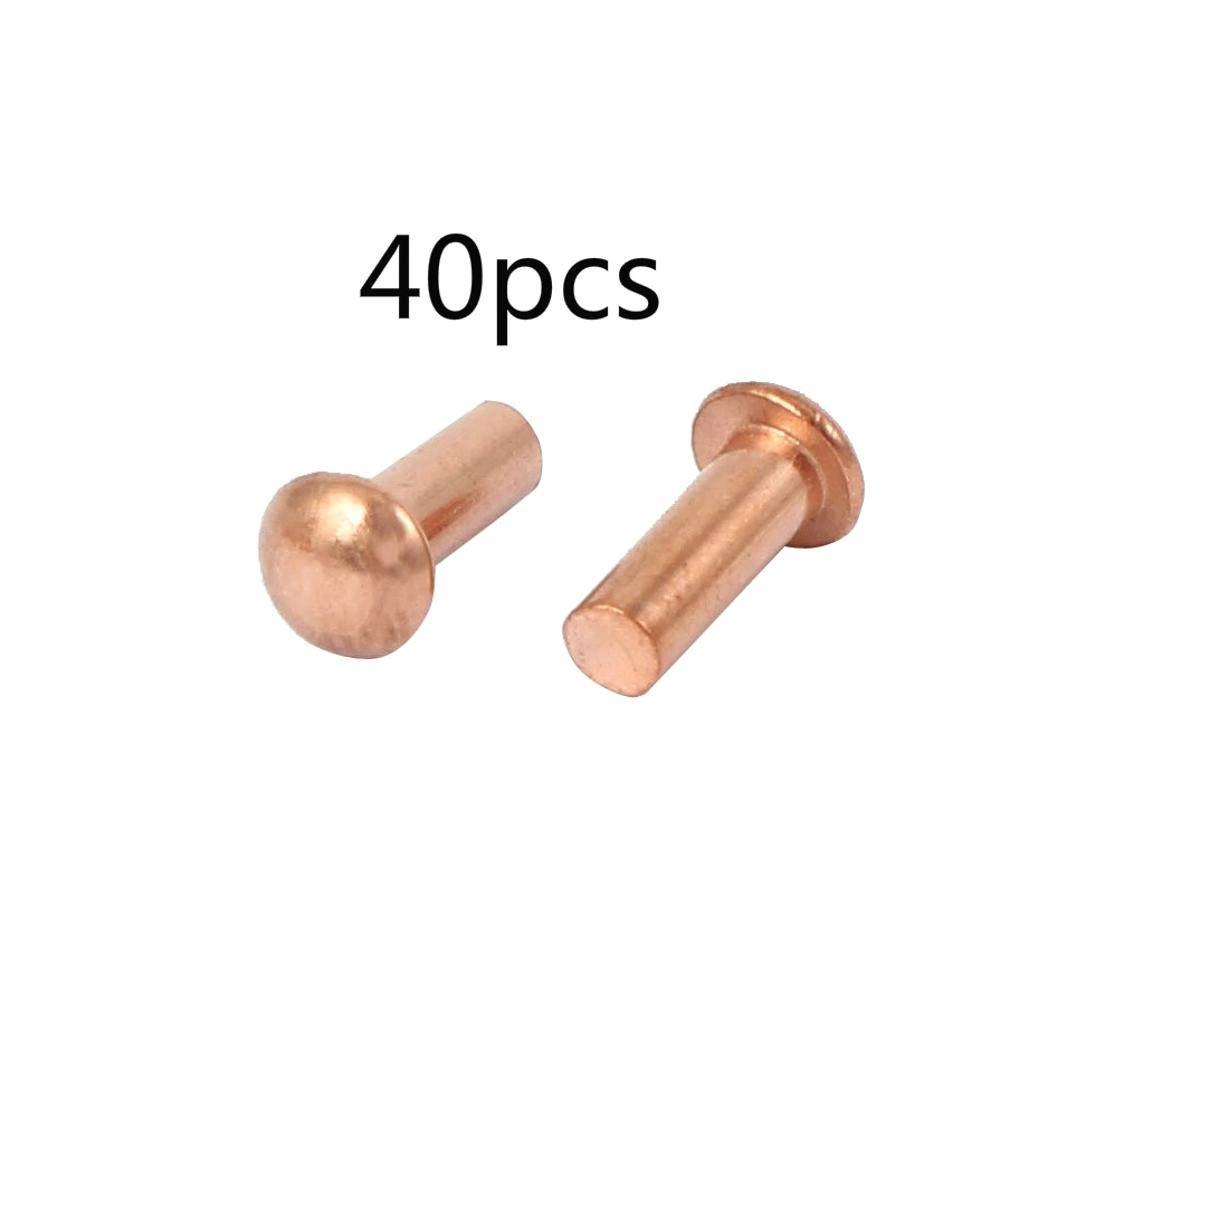 40 Piezas ALONGB Eje Redondo Cobre Remaches s/ólidos Sujetadores Herrajes 3 mm x 8 mm Tono Dorado